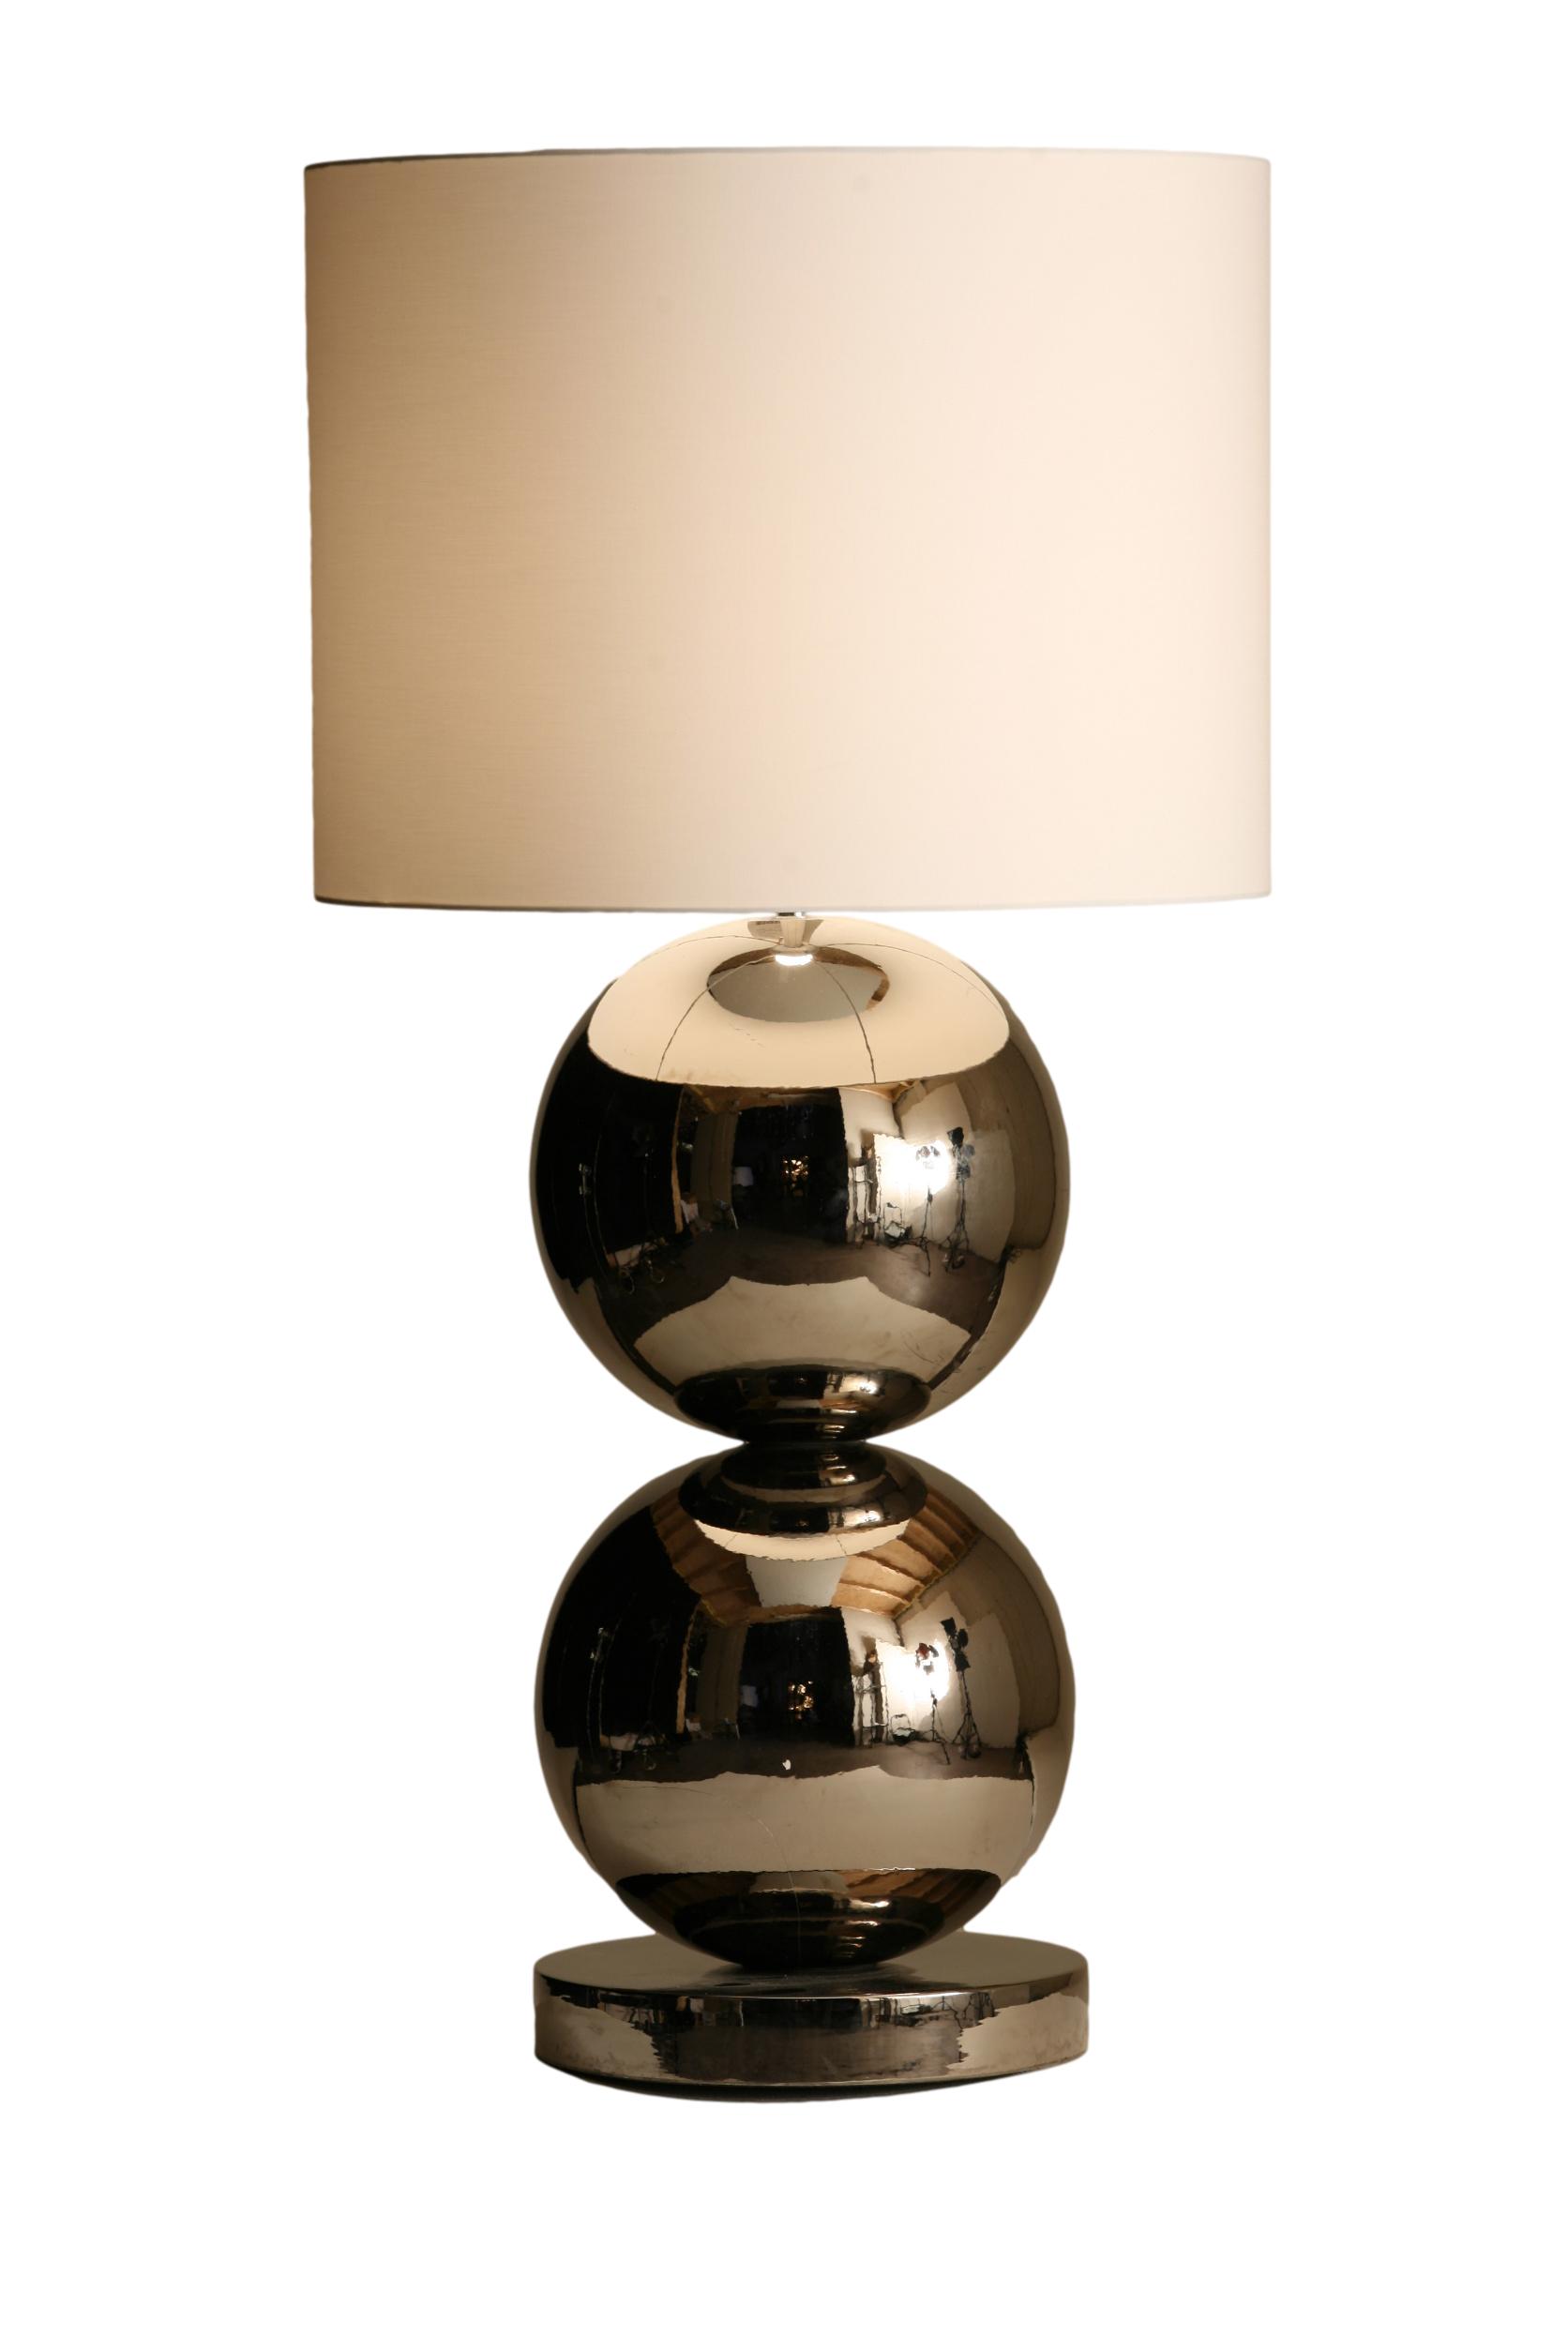 Stout Verlichting Collectie Sfeerfoto Tafellamp 2x XL bol Ø 35 cm